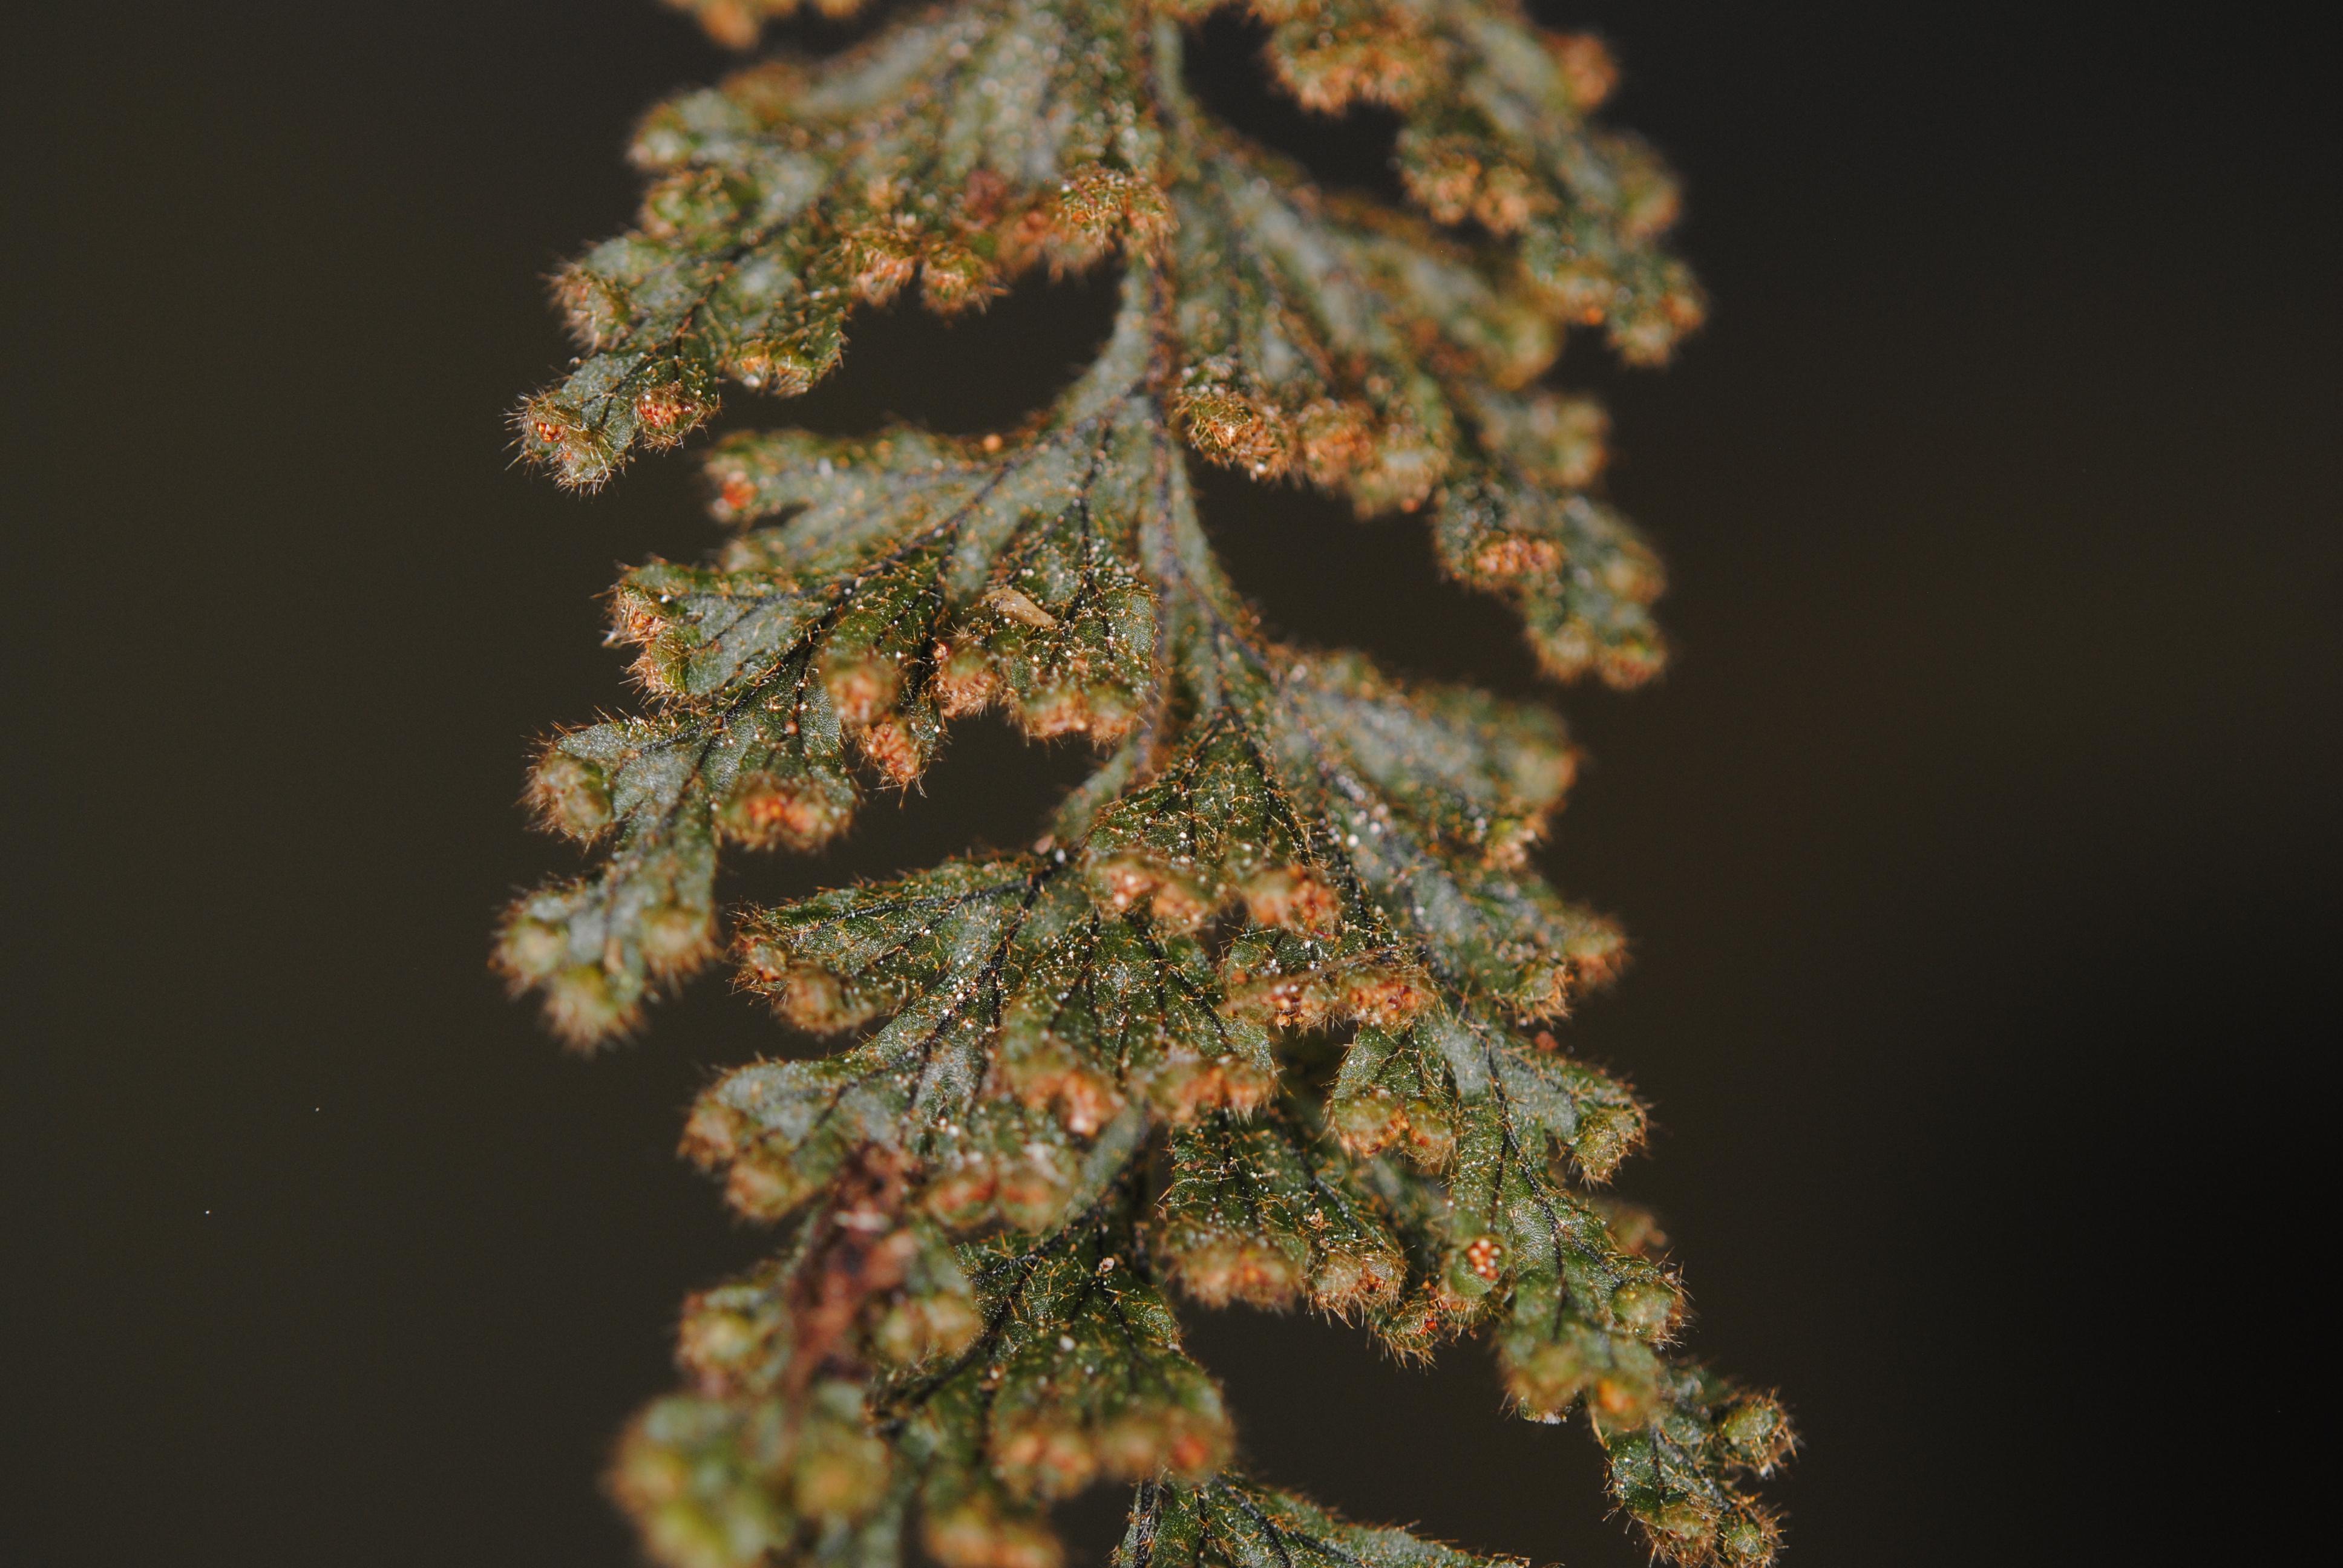 Hymenophyllum tegularis